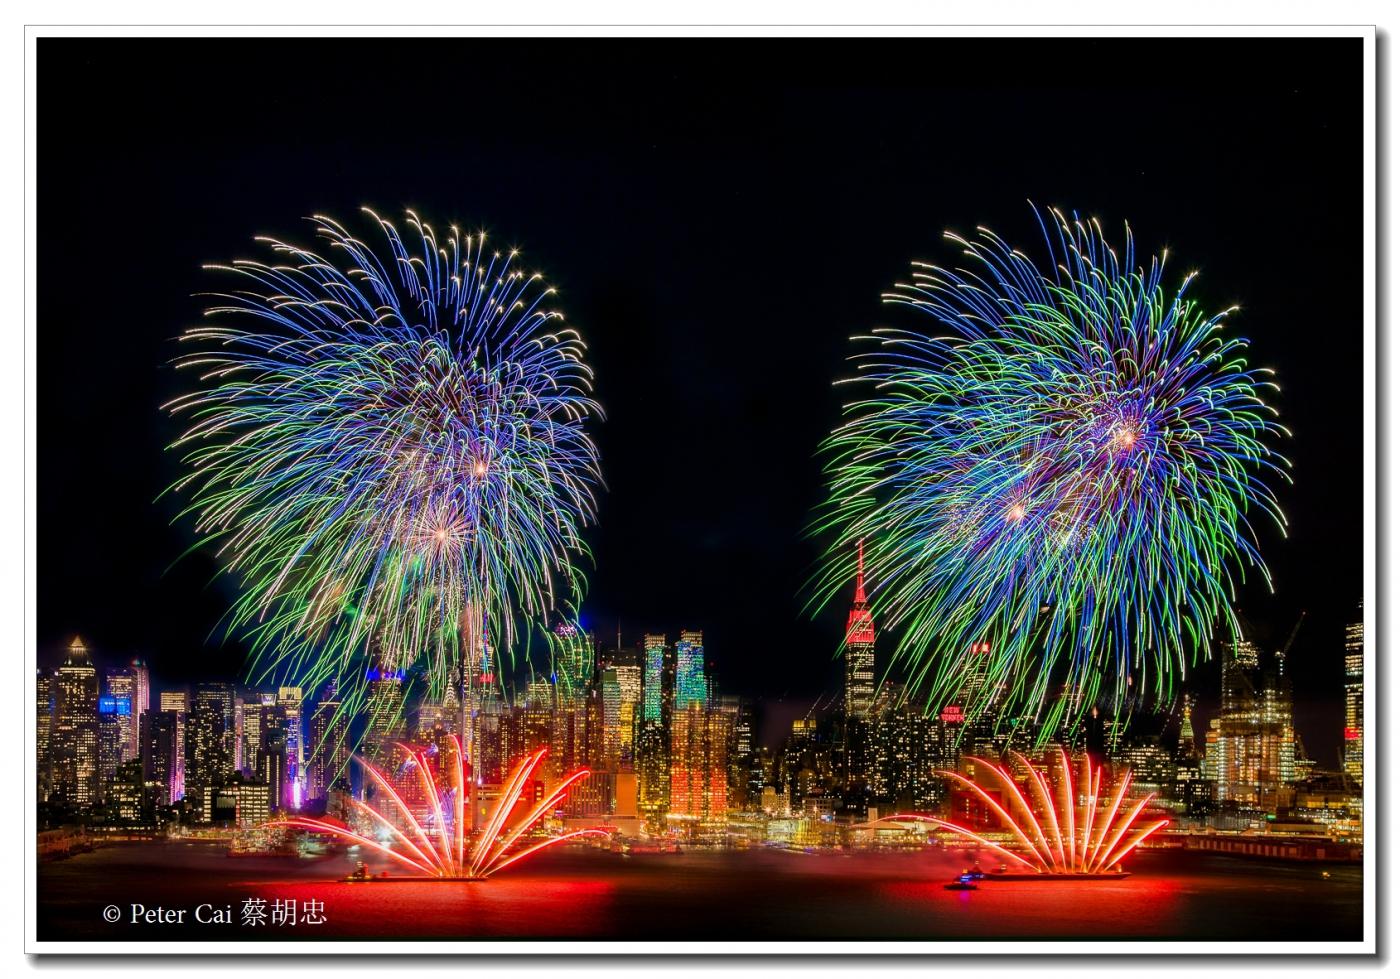 为庆祝中国新年, 纽约昨天晚上盛放焰火_图1-8